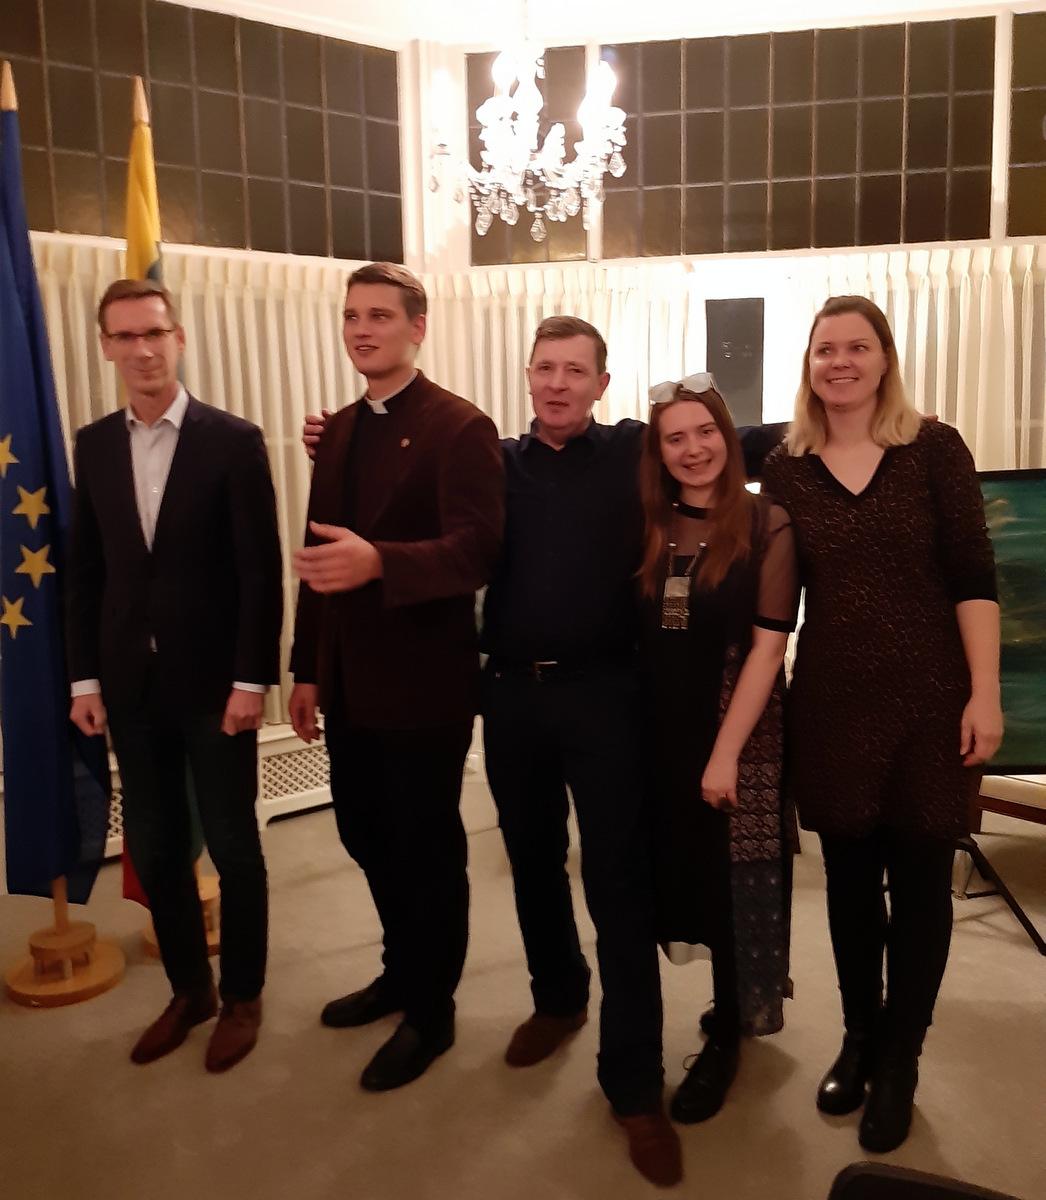 Renginio dalyviai: (iš kairės) ambasadorius Vidmantas Purlys, kunigas Gabrielius Satkevičius, anykštėnas Dainius Žąsinas, dailininkė Viltė Šilkaitytė, rašytoja Rasa Sagė.